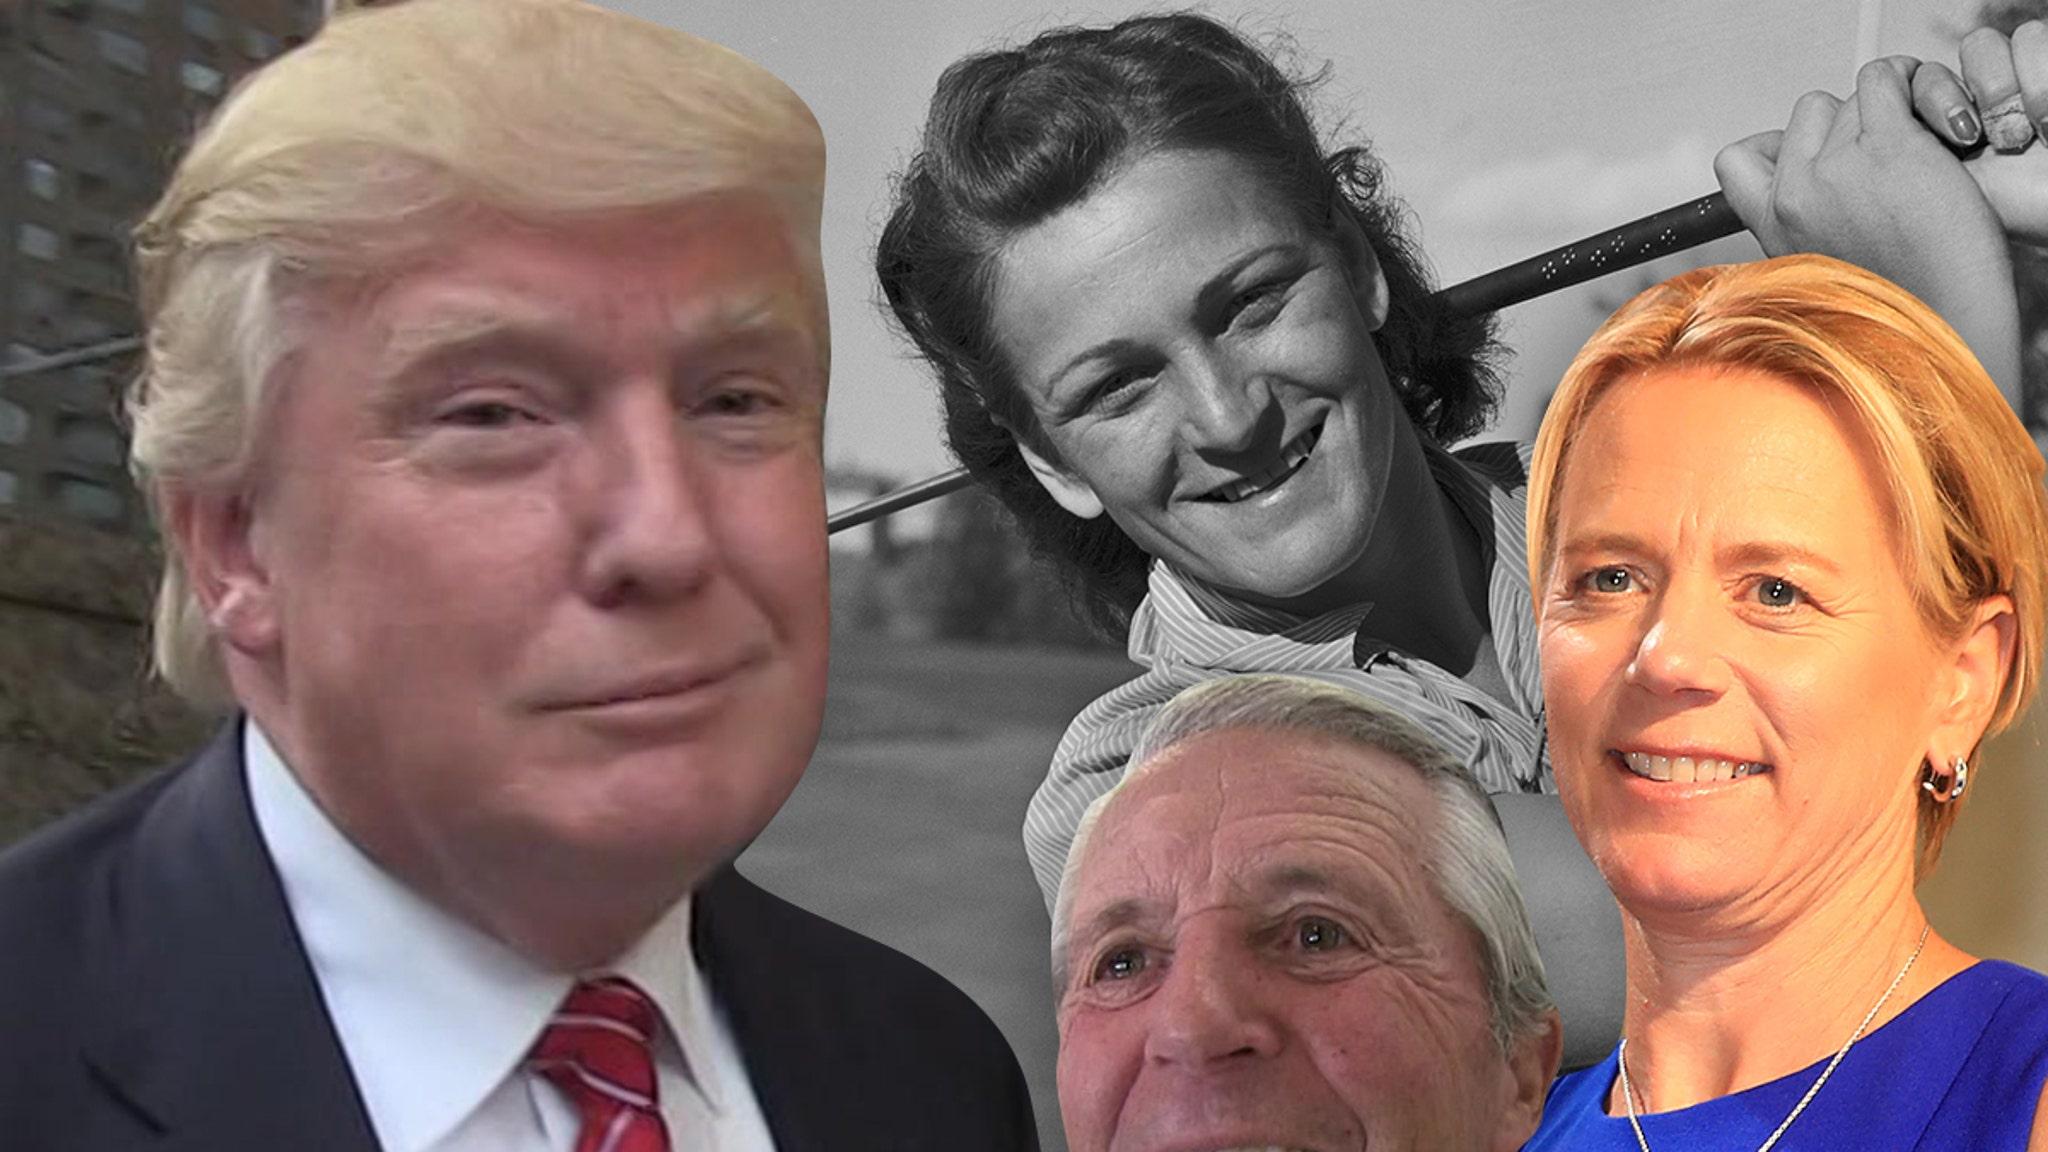 Президент Трамп вручает медаль свободы 3 игрокам в гольф в день после бунта Капитолия